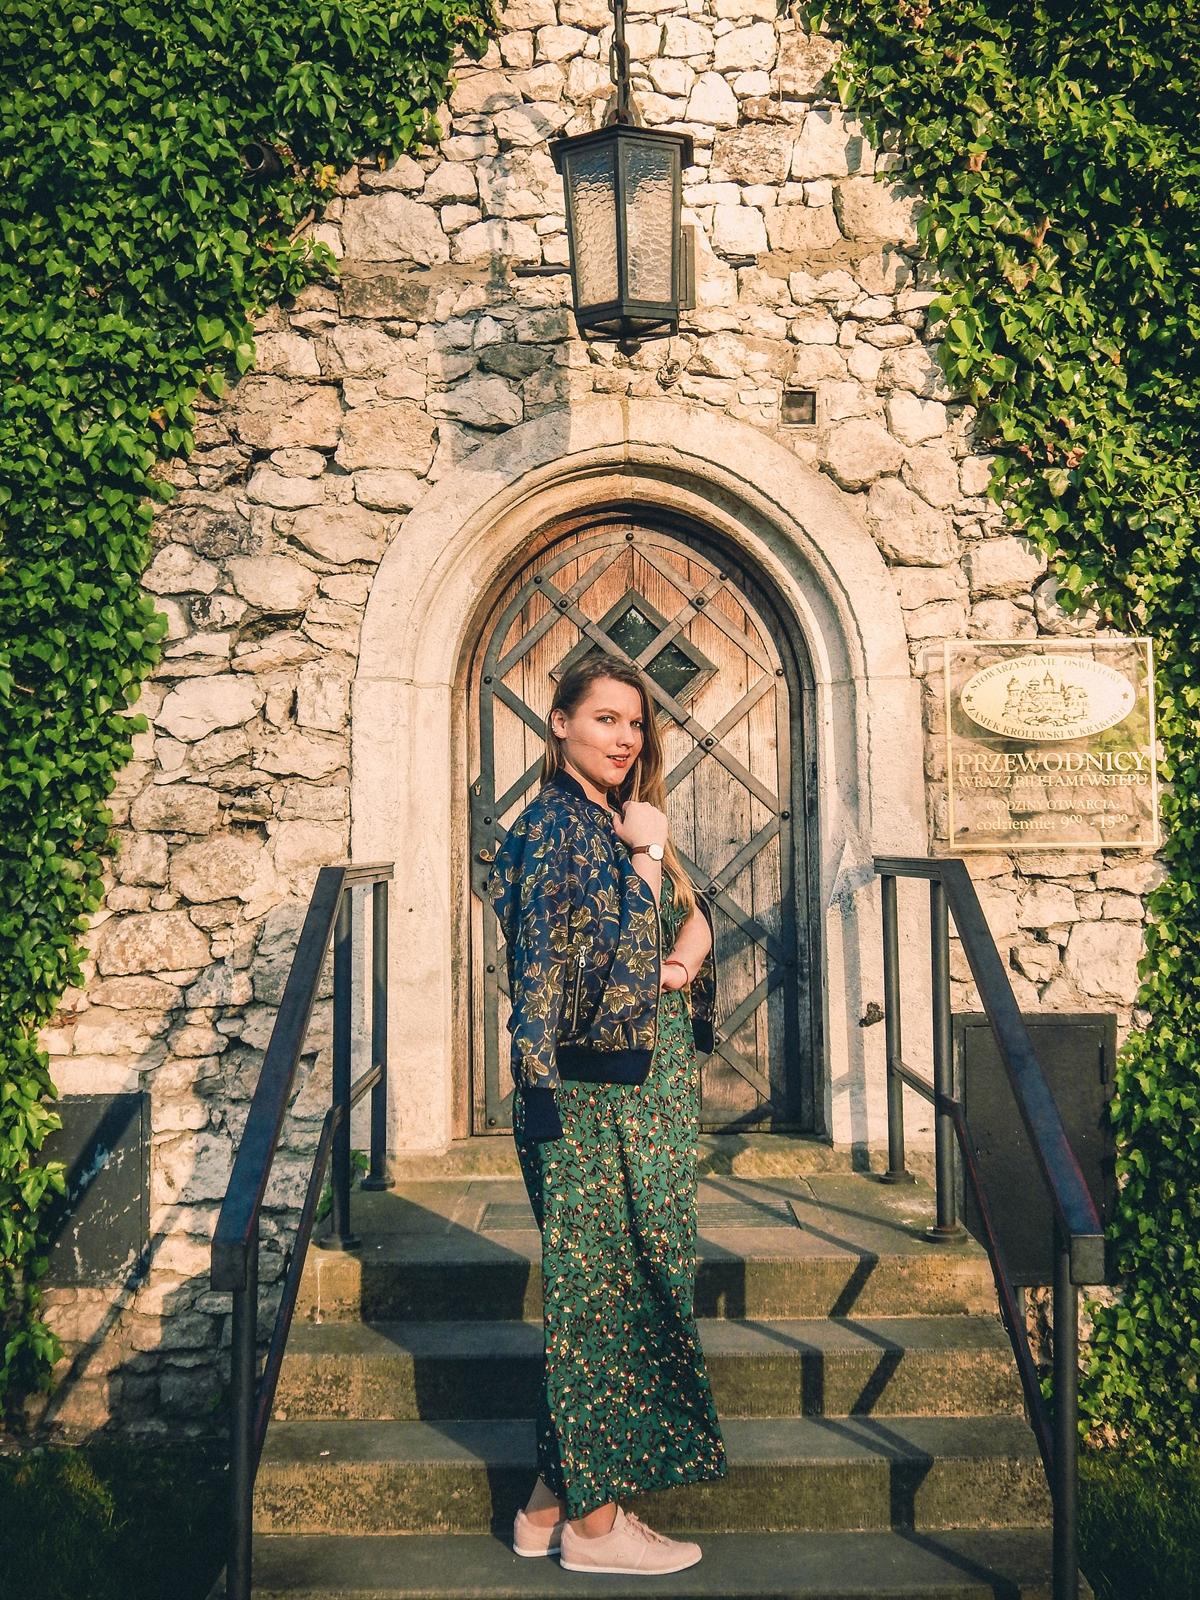 4 stylizacja polskie blogi modowe streetwear daniel wellington pracownia fio ciekawe polskie młode marki modowe odzieżowe instagram melodylaniella